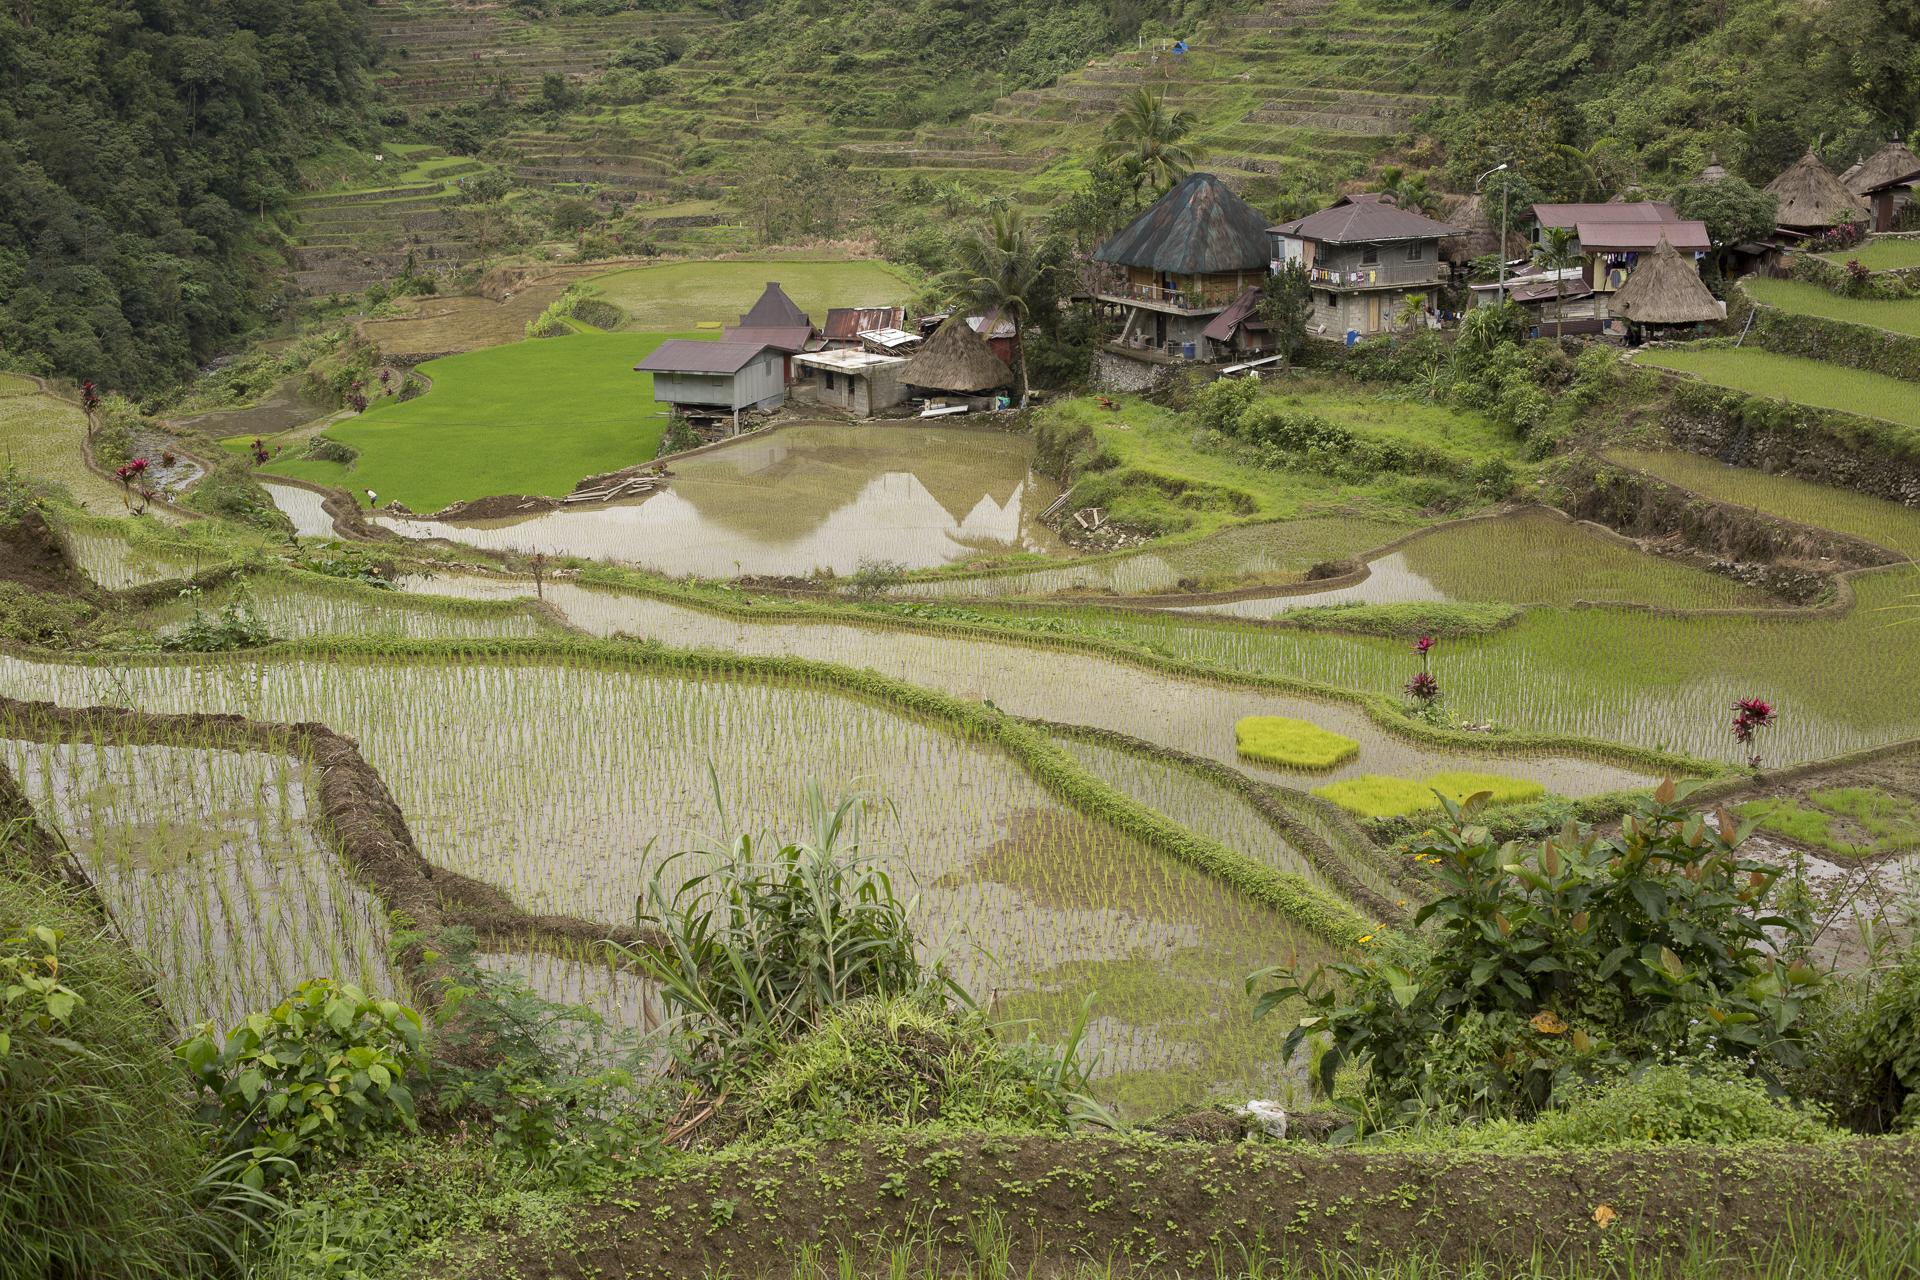 Philippine_2815.jpg